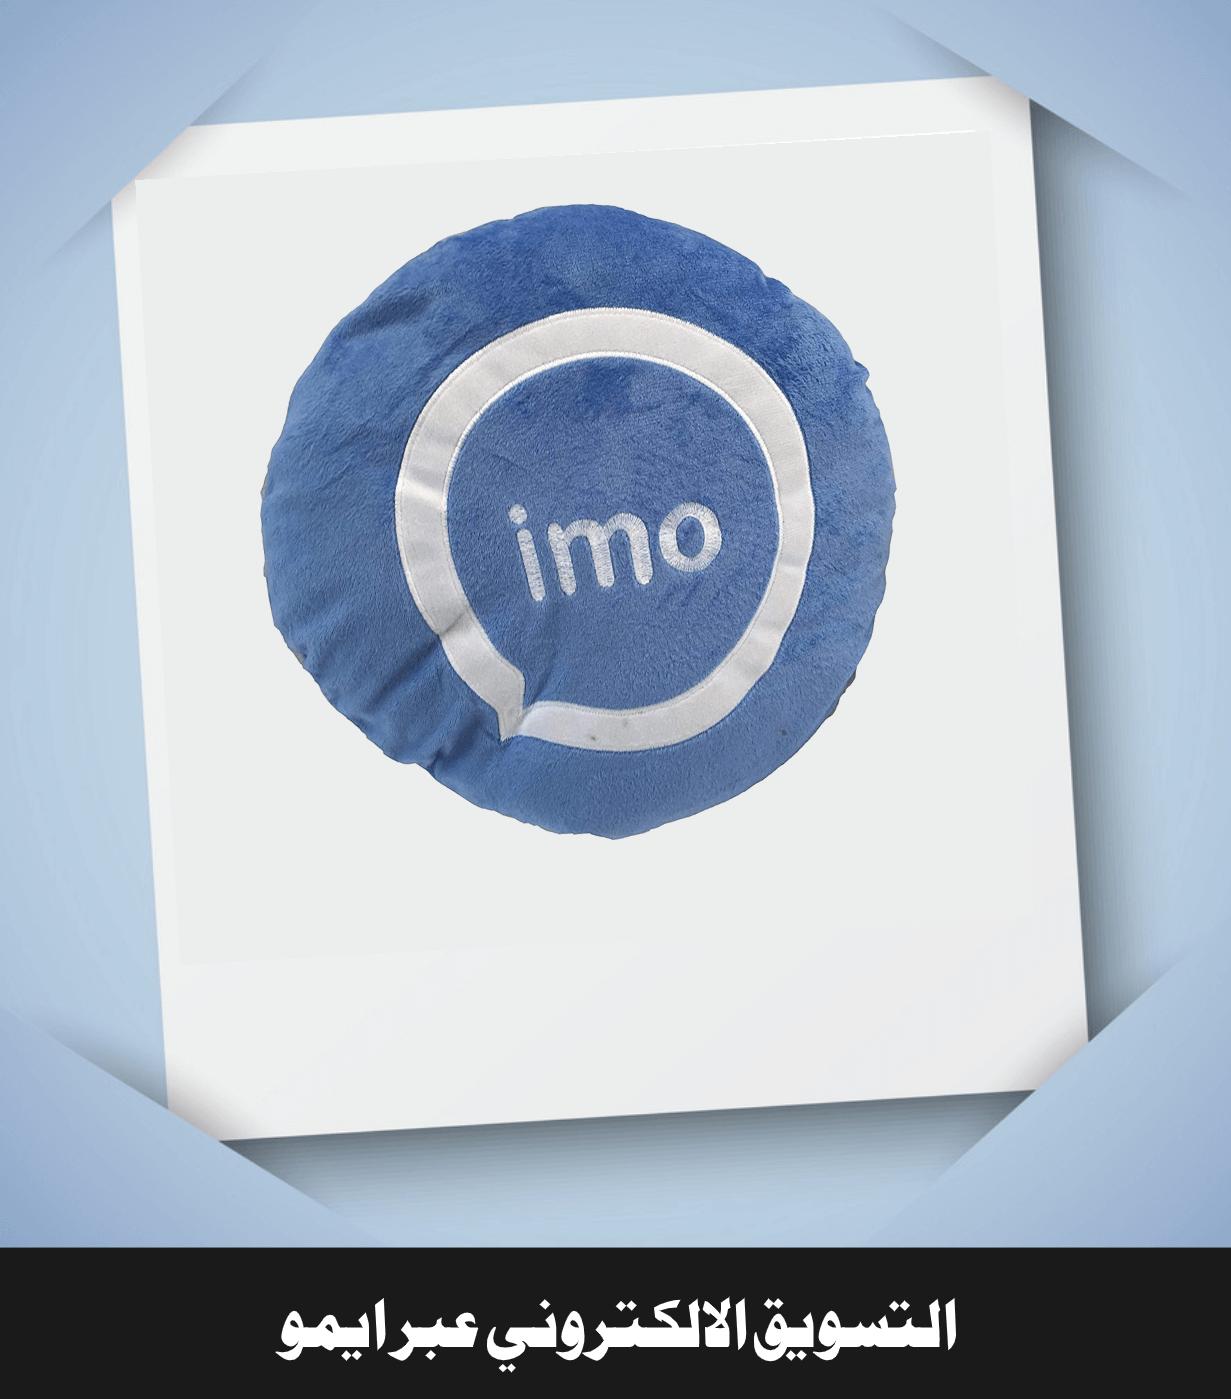 التسويق الالكتروني على ايمو, التسويق الالكتروني